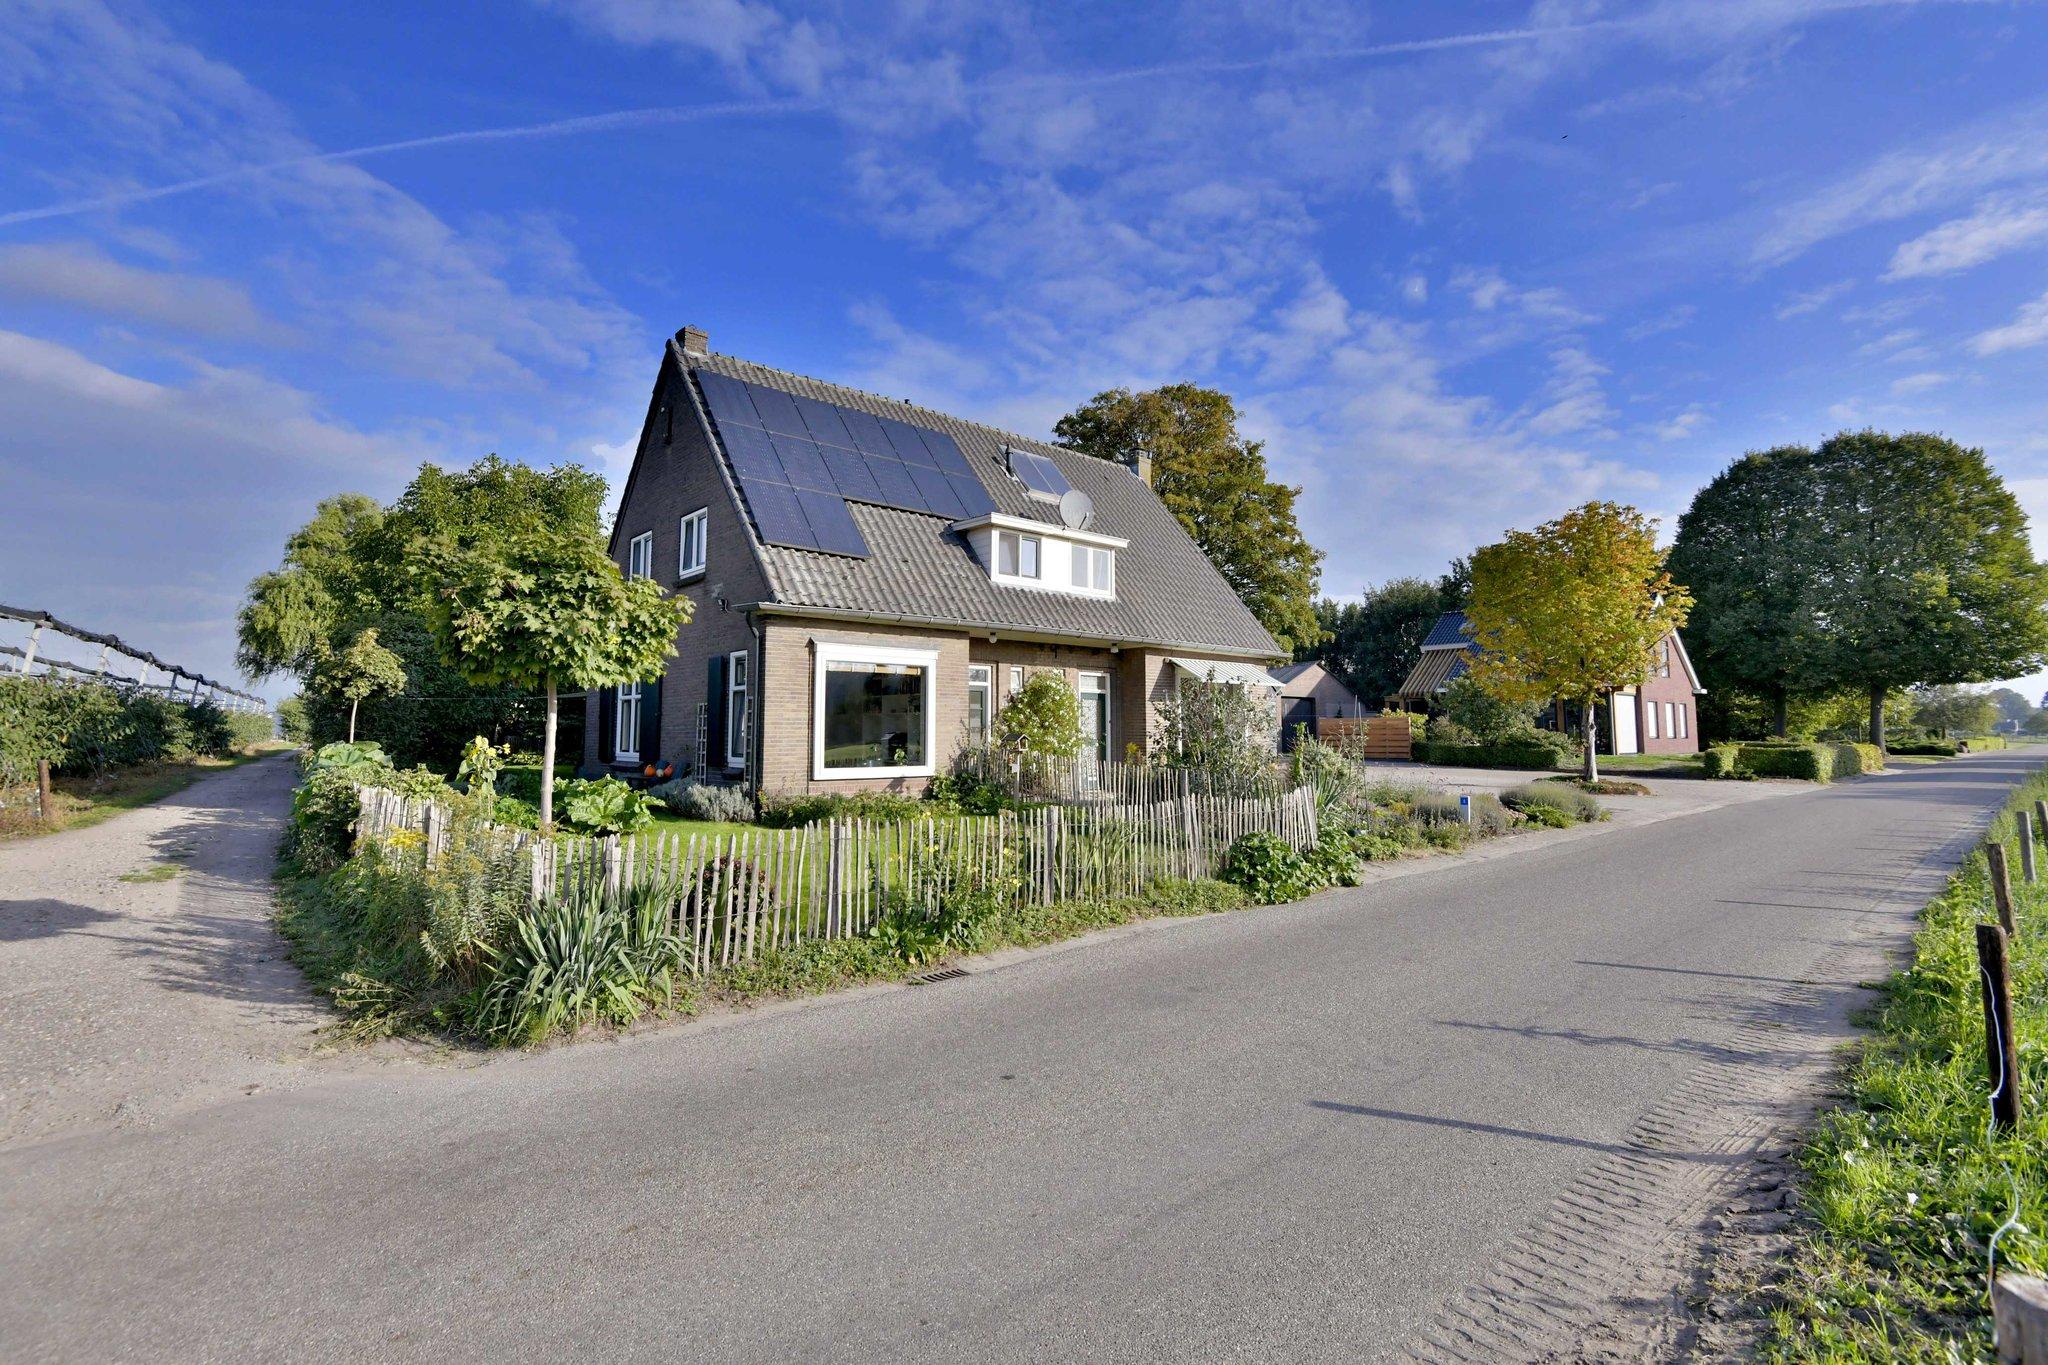 gorssel-gorsselse-enkweg-4154865-foto-5.jpg